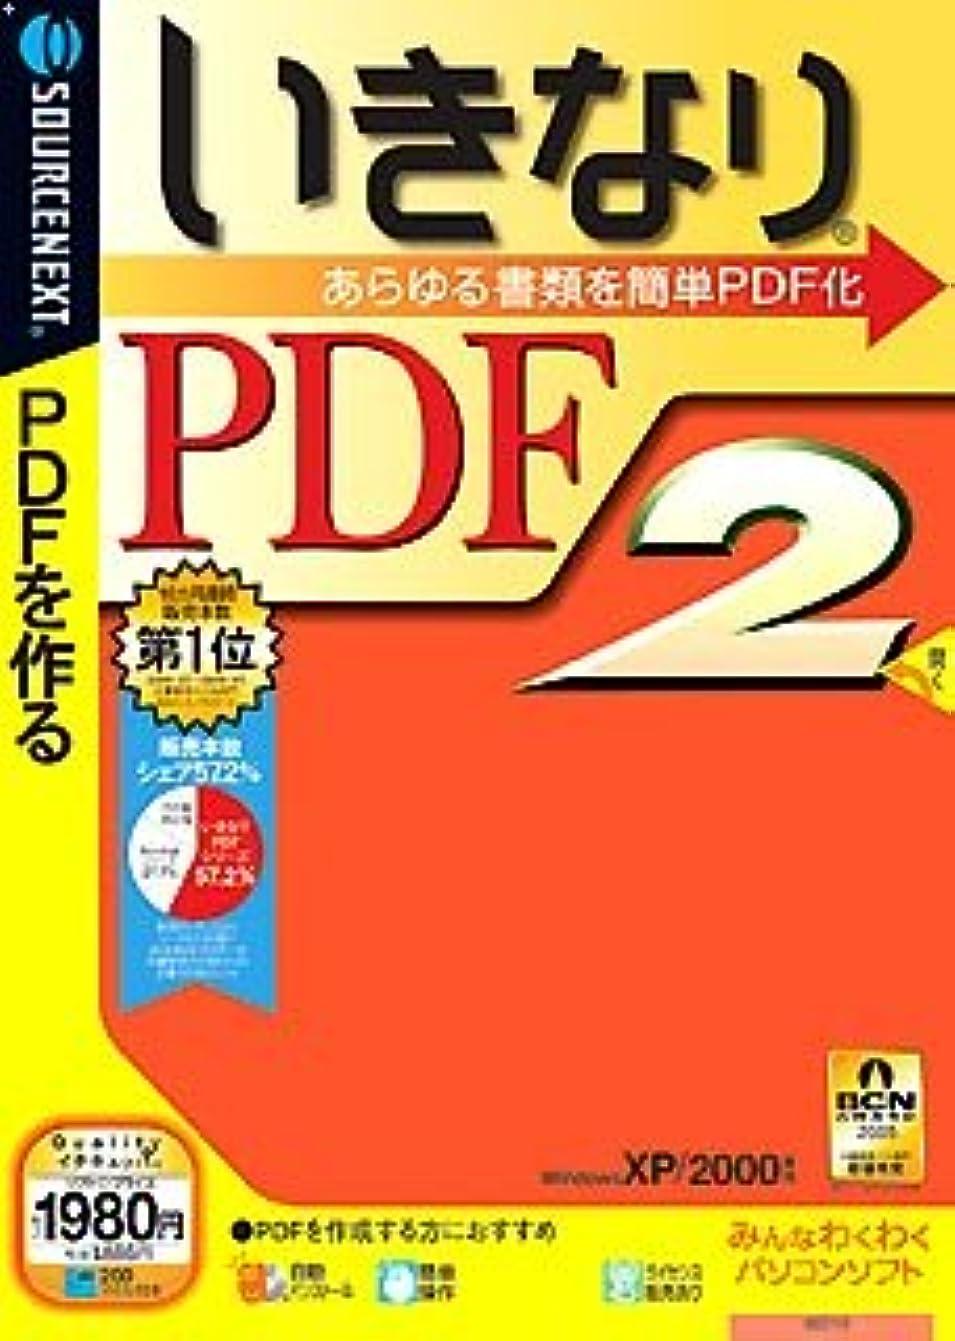 ローブ呼び出す肉腫いきなりPDF 2 (説明扉付きスリムパッケージ版)